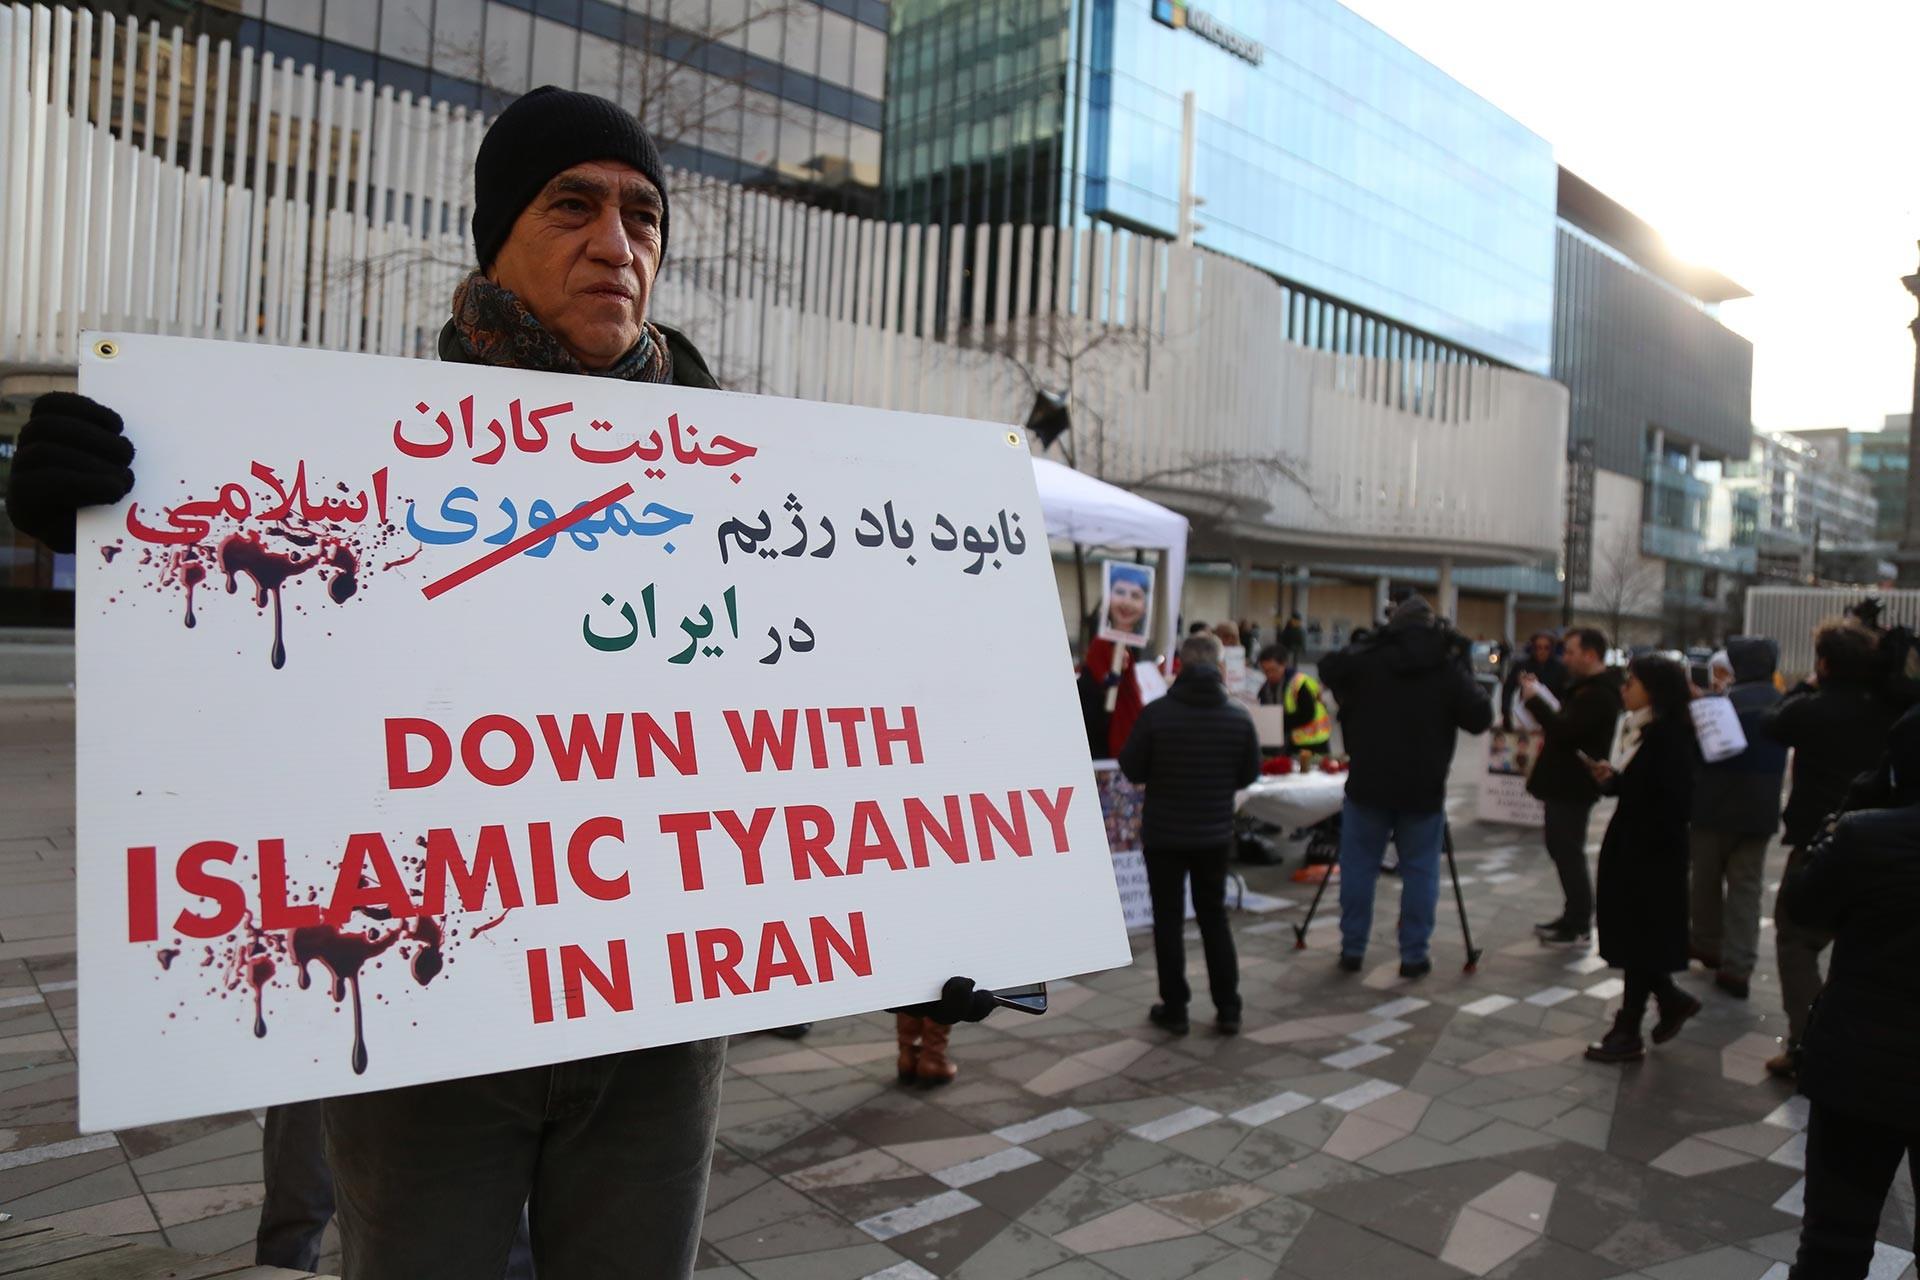 İran'ın Ukrayna uçağını düşürdüğünü itiraf etmesinin ardından sokağa çıkarak elindeki 'Down with Islamic tyranny in Iran' yazılı dövizle hükümet karşıtı eylemlere katılan bir İranlı